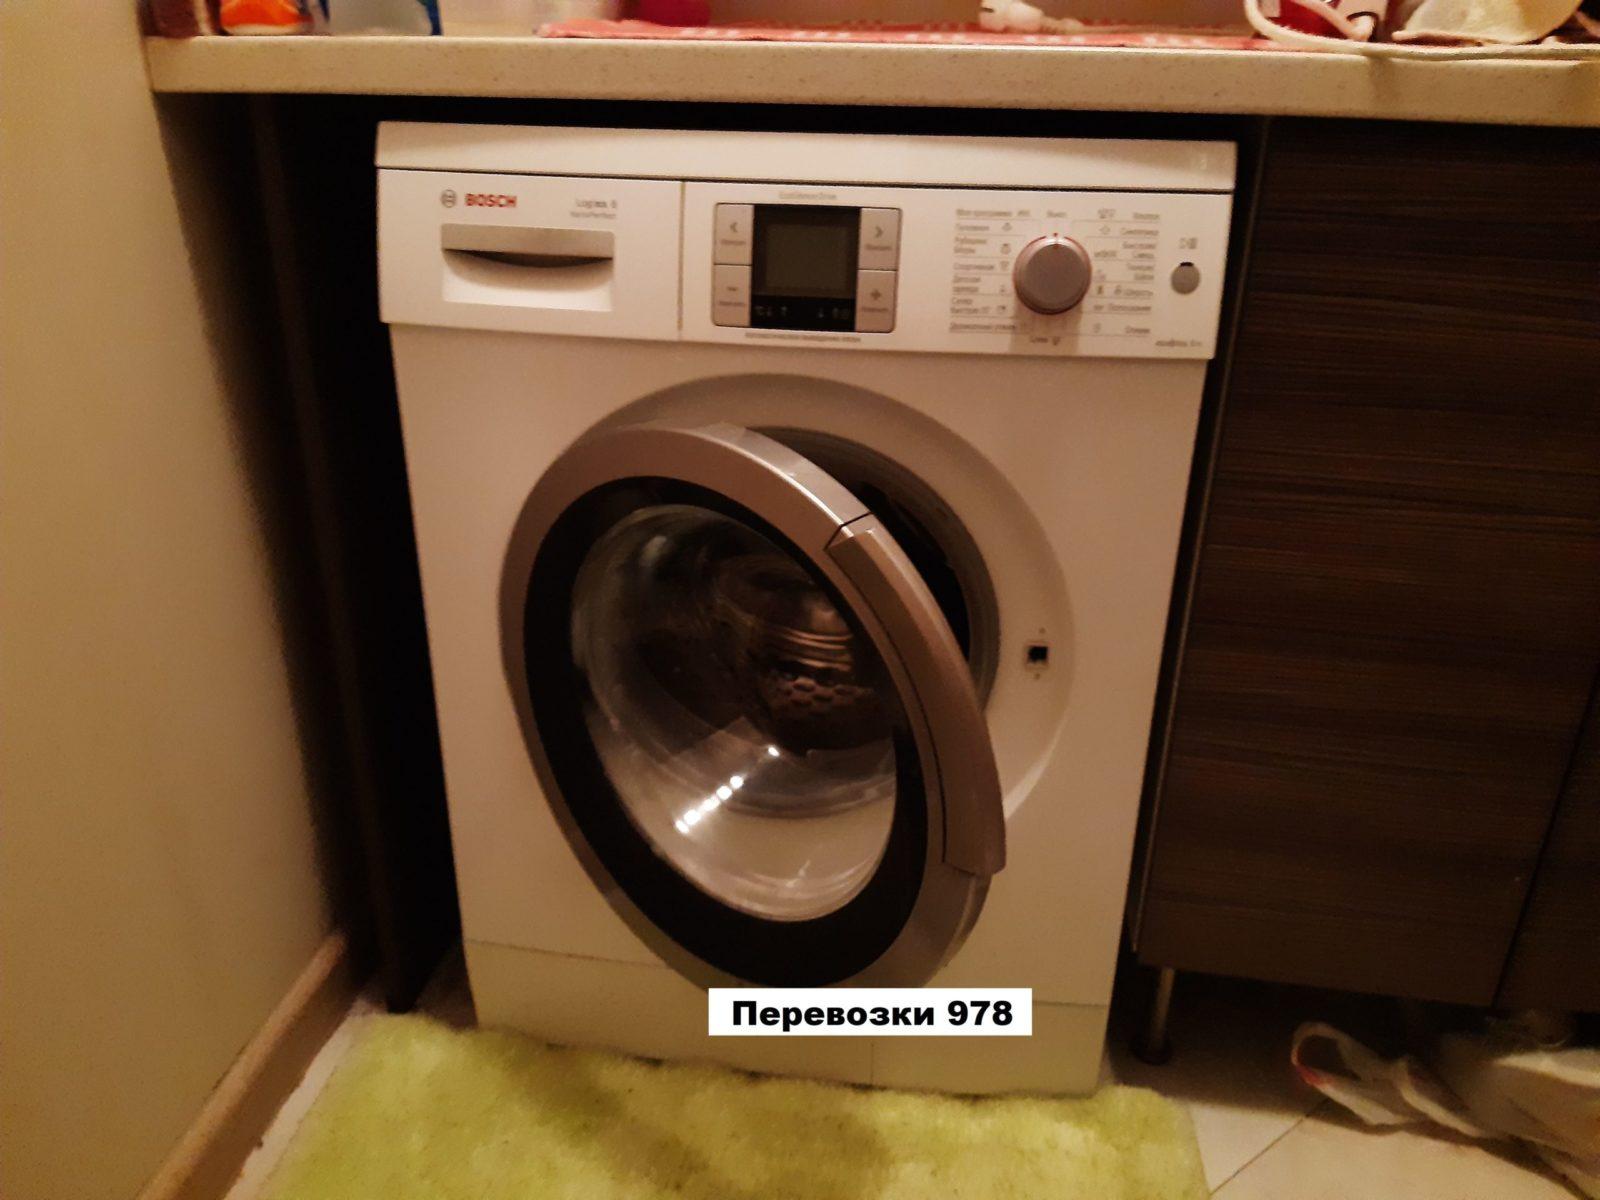 Перевозка стиральной машины, как перевозить? | «Перевозки 978»